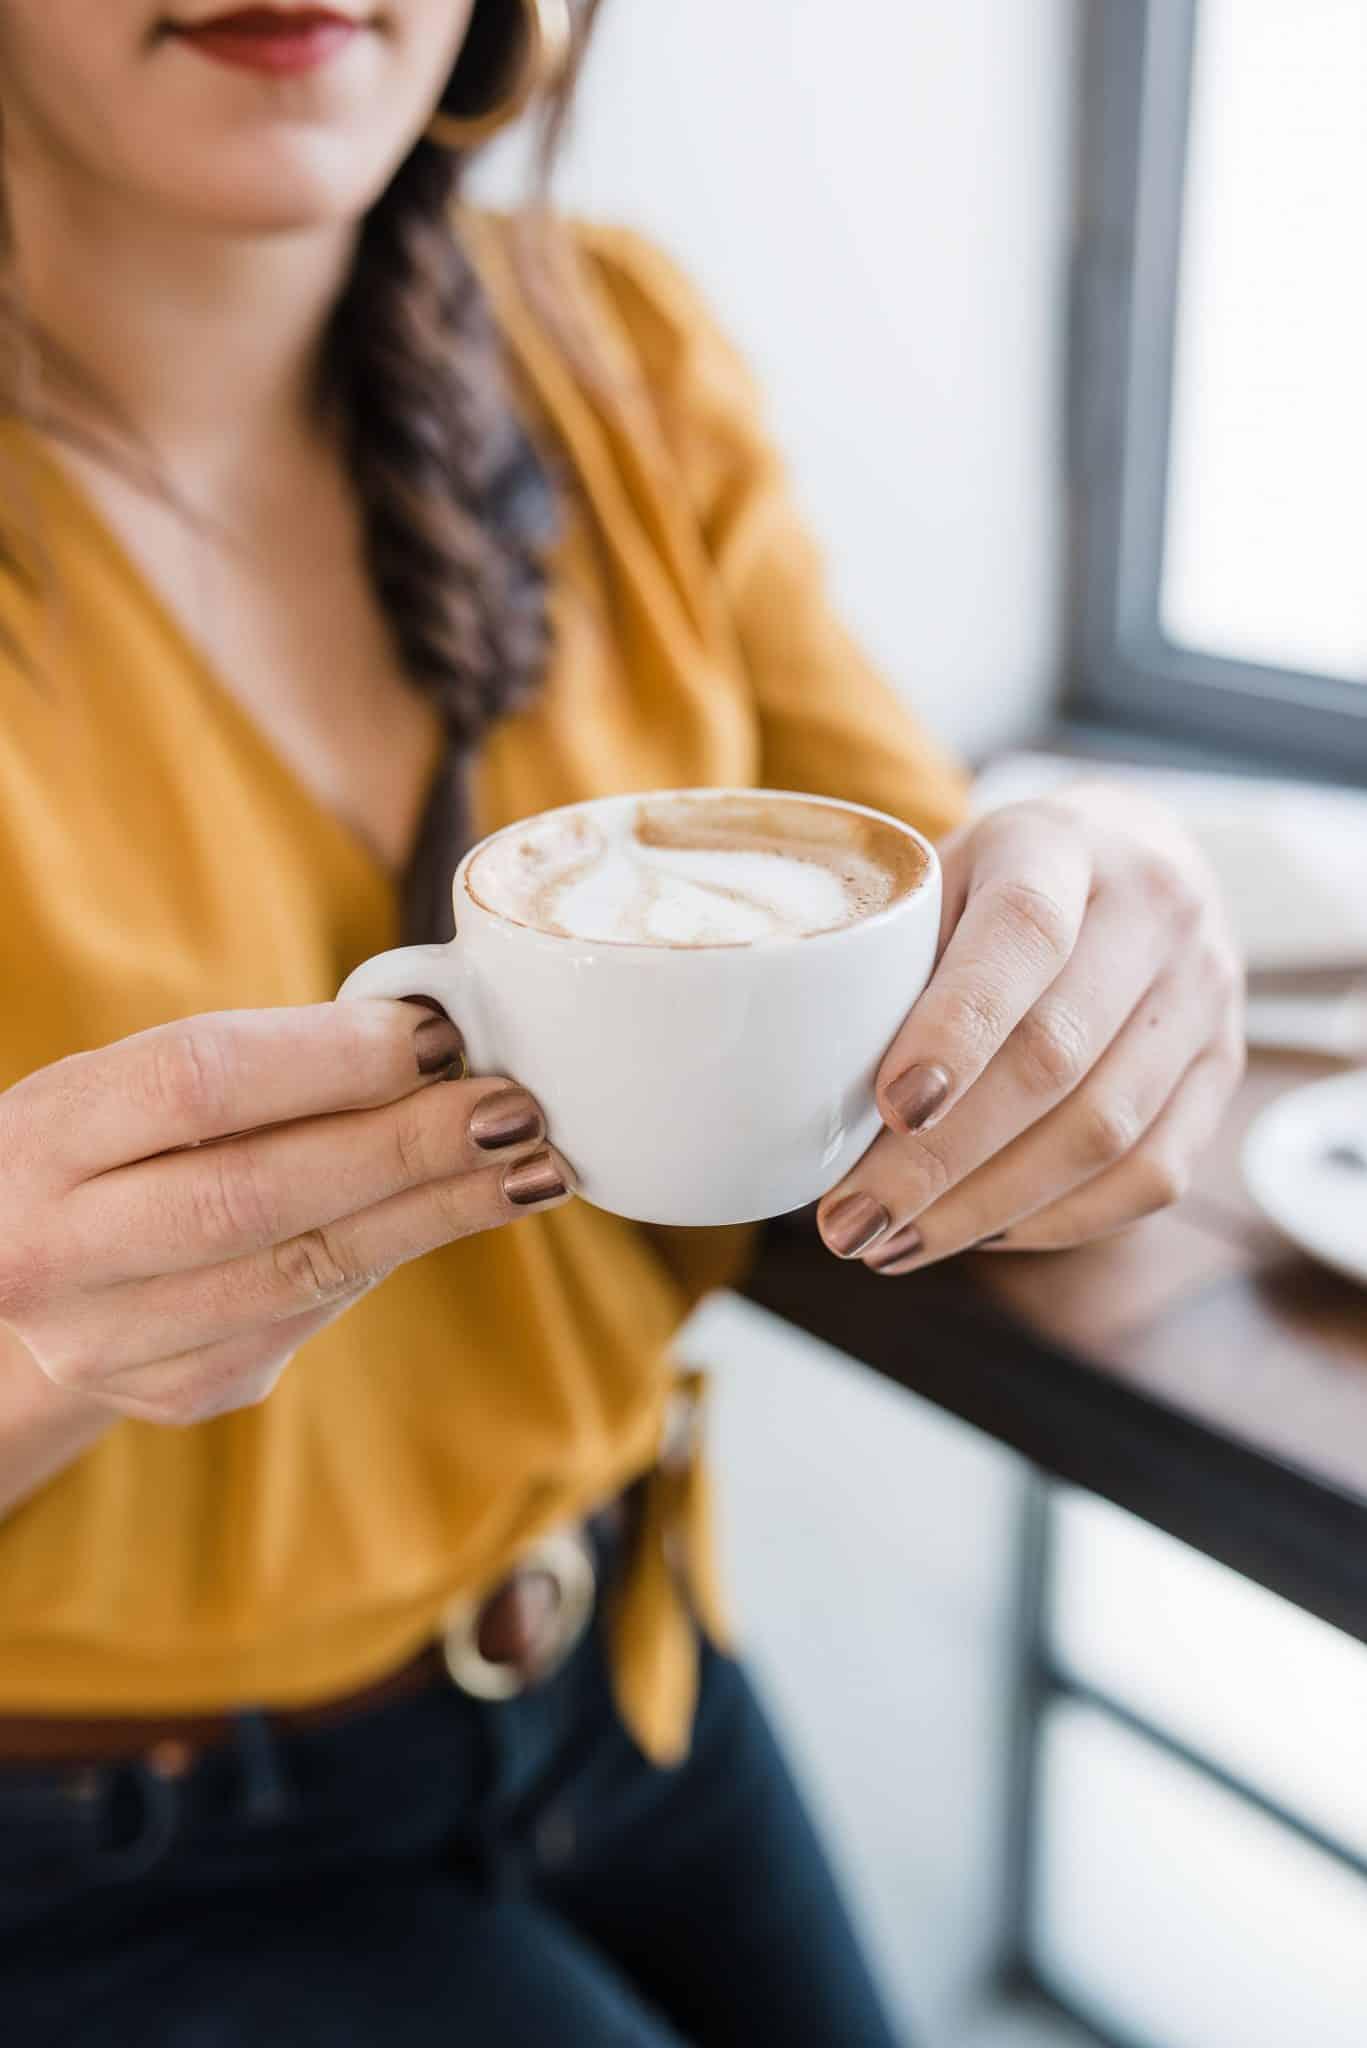 Essie Nail Polish & Coffee